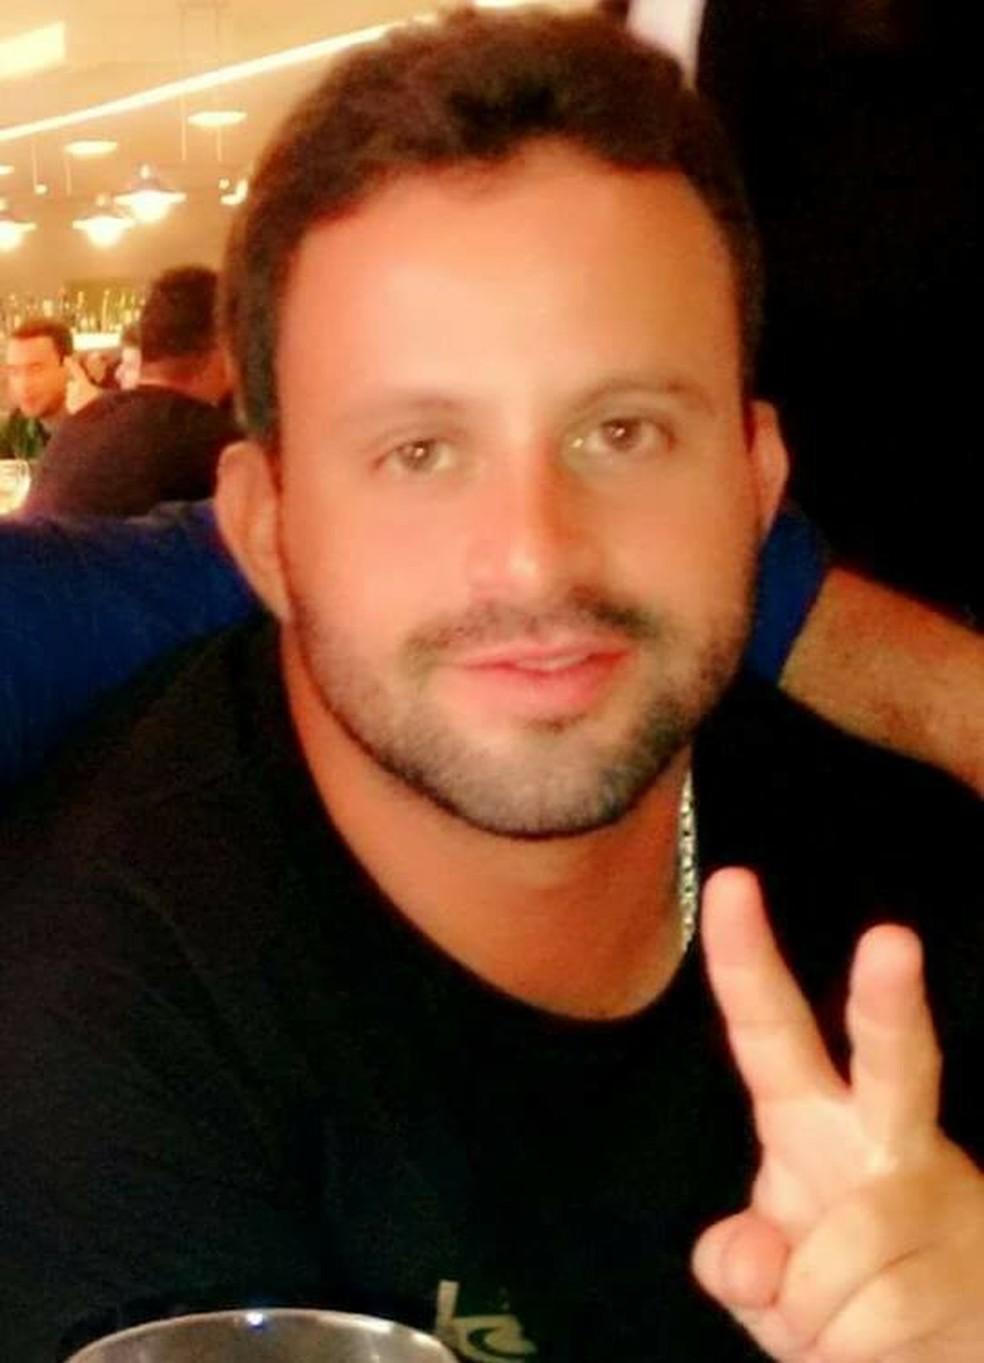 João Paulo Velasco Bastos foi assassinado na praia de Pipa, no litoral potiguar (Foto: Reprodução/Facebook)